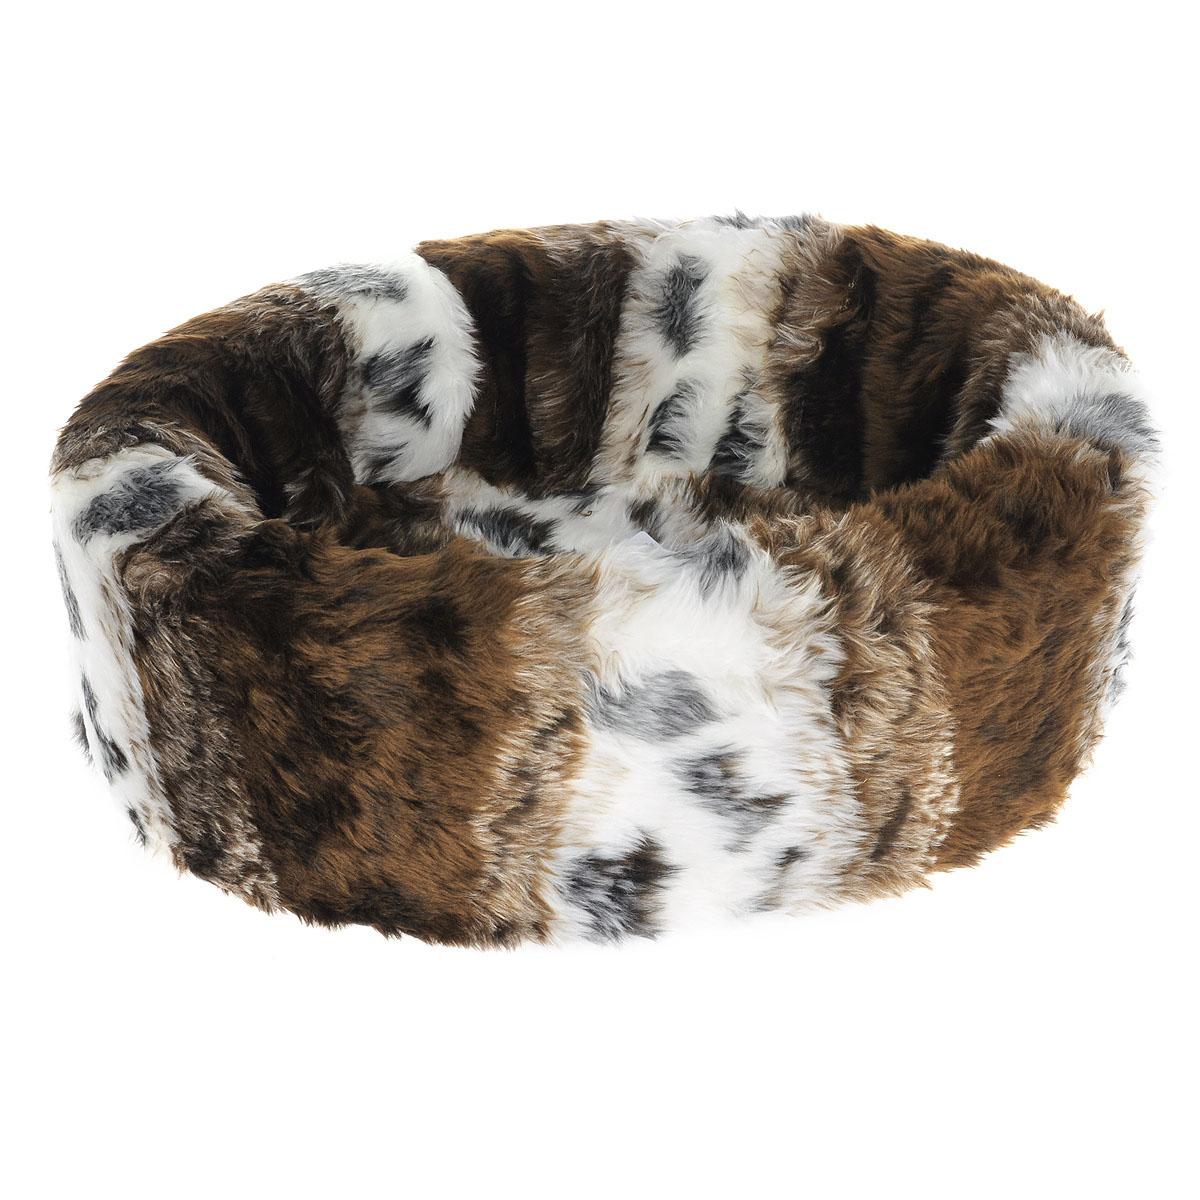 Лежак для собак I.P.T.S. Teddy, цвет: коричневый, 40 см х 35 см705736Лежак I.P.T.S. Teddy станет излюбленным местом отдыха вашего четвероногого друга. Даже самому своенравному питомцу понравится этот уютный мягкий уголок для сна. Лежак имеет округлую форму. Сочетание нейтральных цветов впишется в интерьер, и изделие будет одинаково хорошо смотреться как в гостиной, так и в другой комнате. Размер: 40 см х 35 см. Товар сертифицирован.